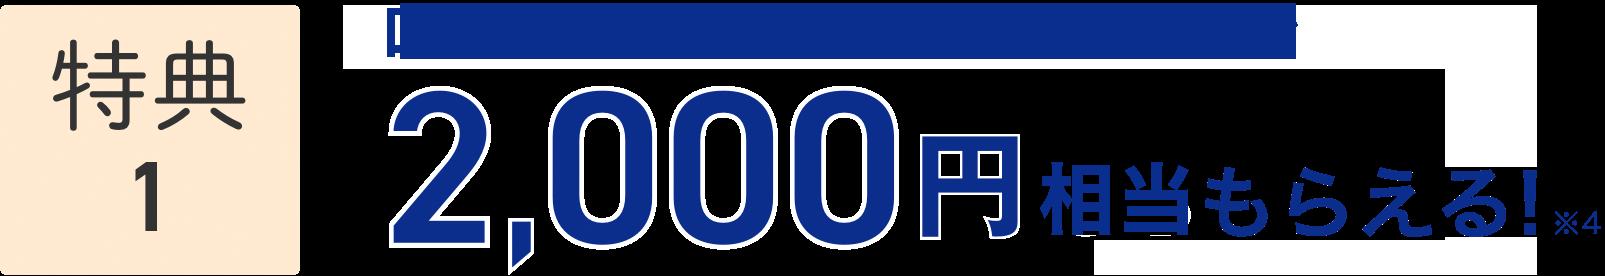 特典1 口座開設&カードローンご契約で2,000円相当もらえる! ※4